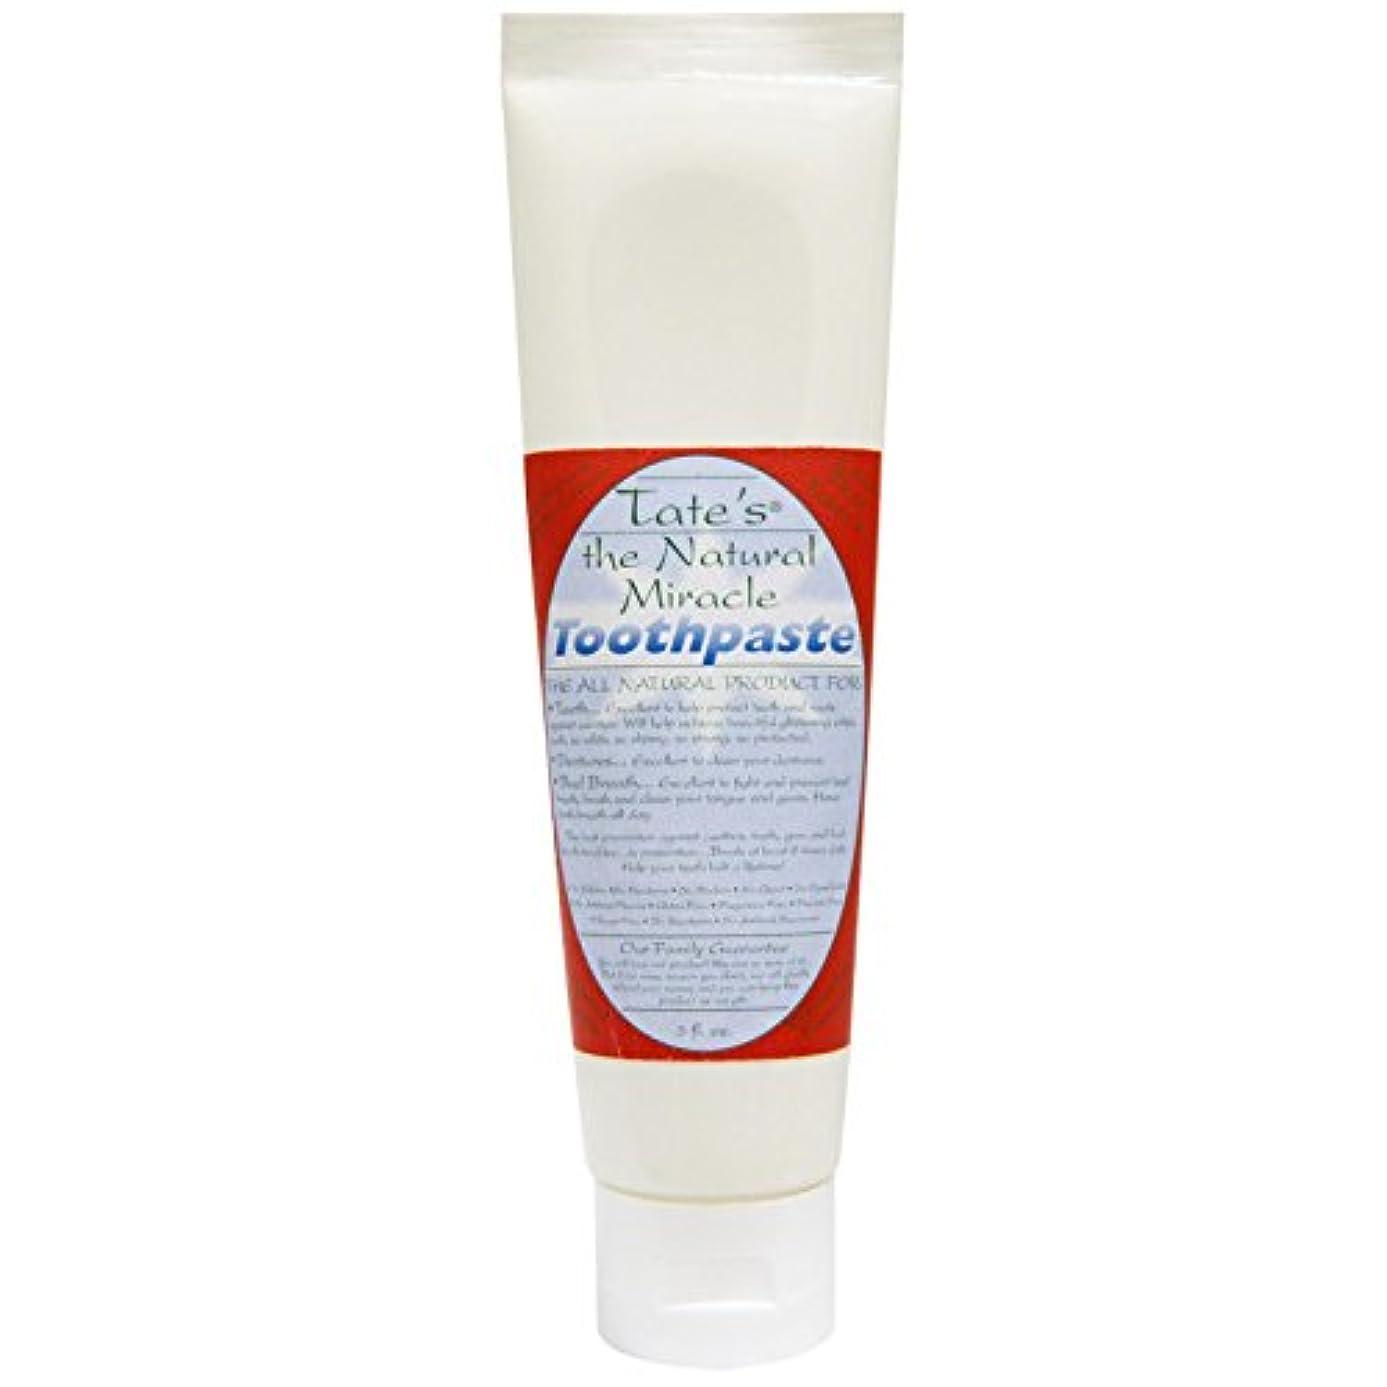 ボウルガイド行為Tate's, The Natural Miracle Toothpaste, 5 fl oz